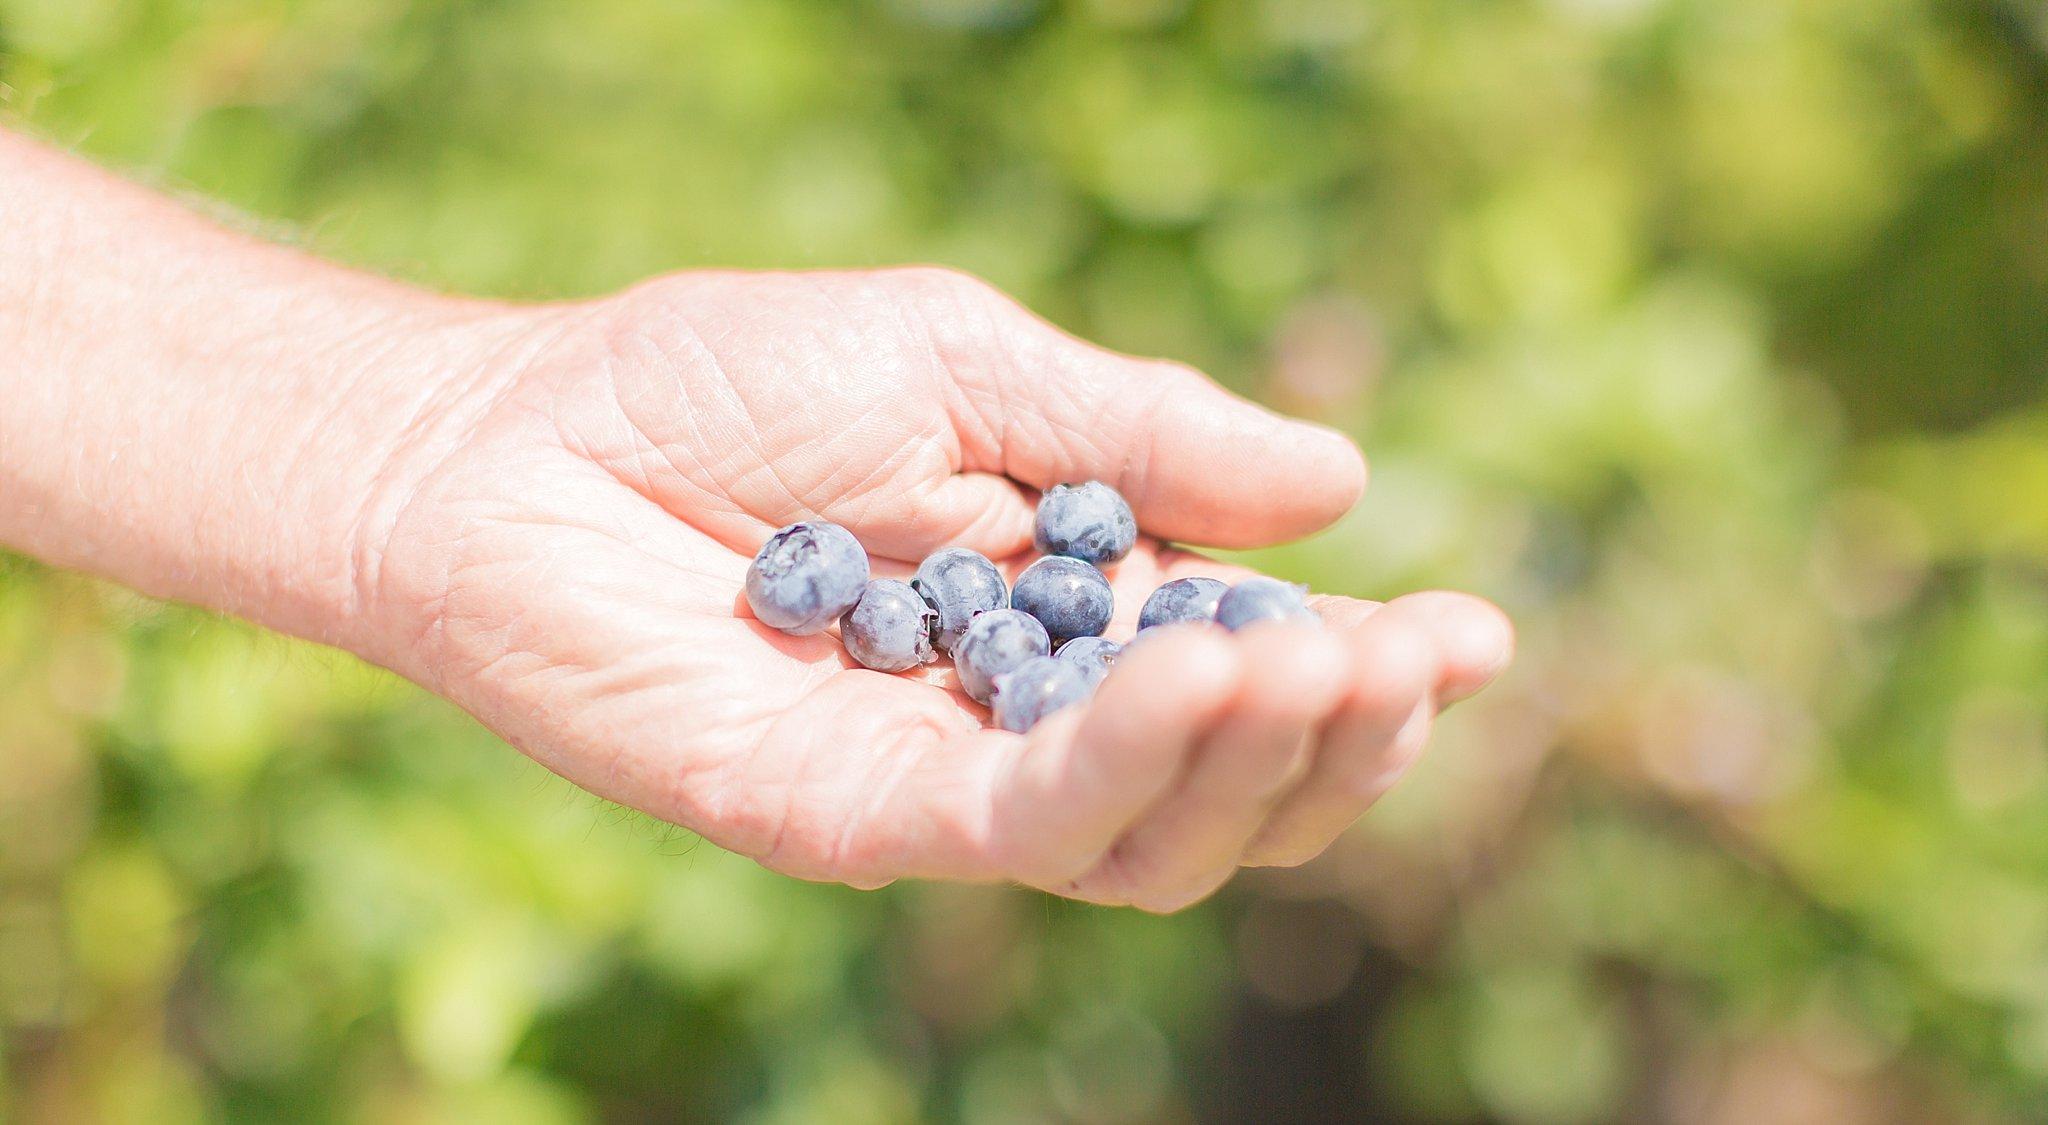 blu witt farms_0005.jpg